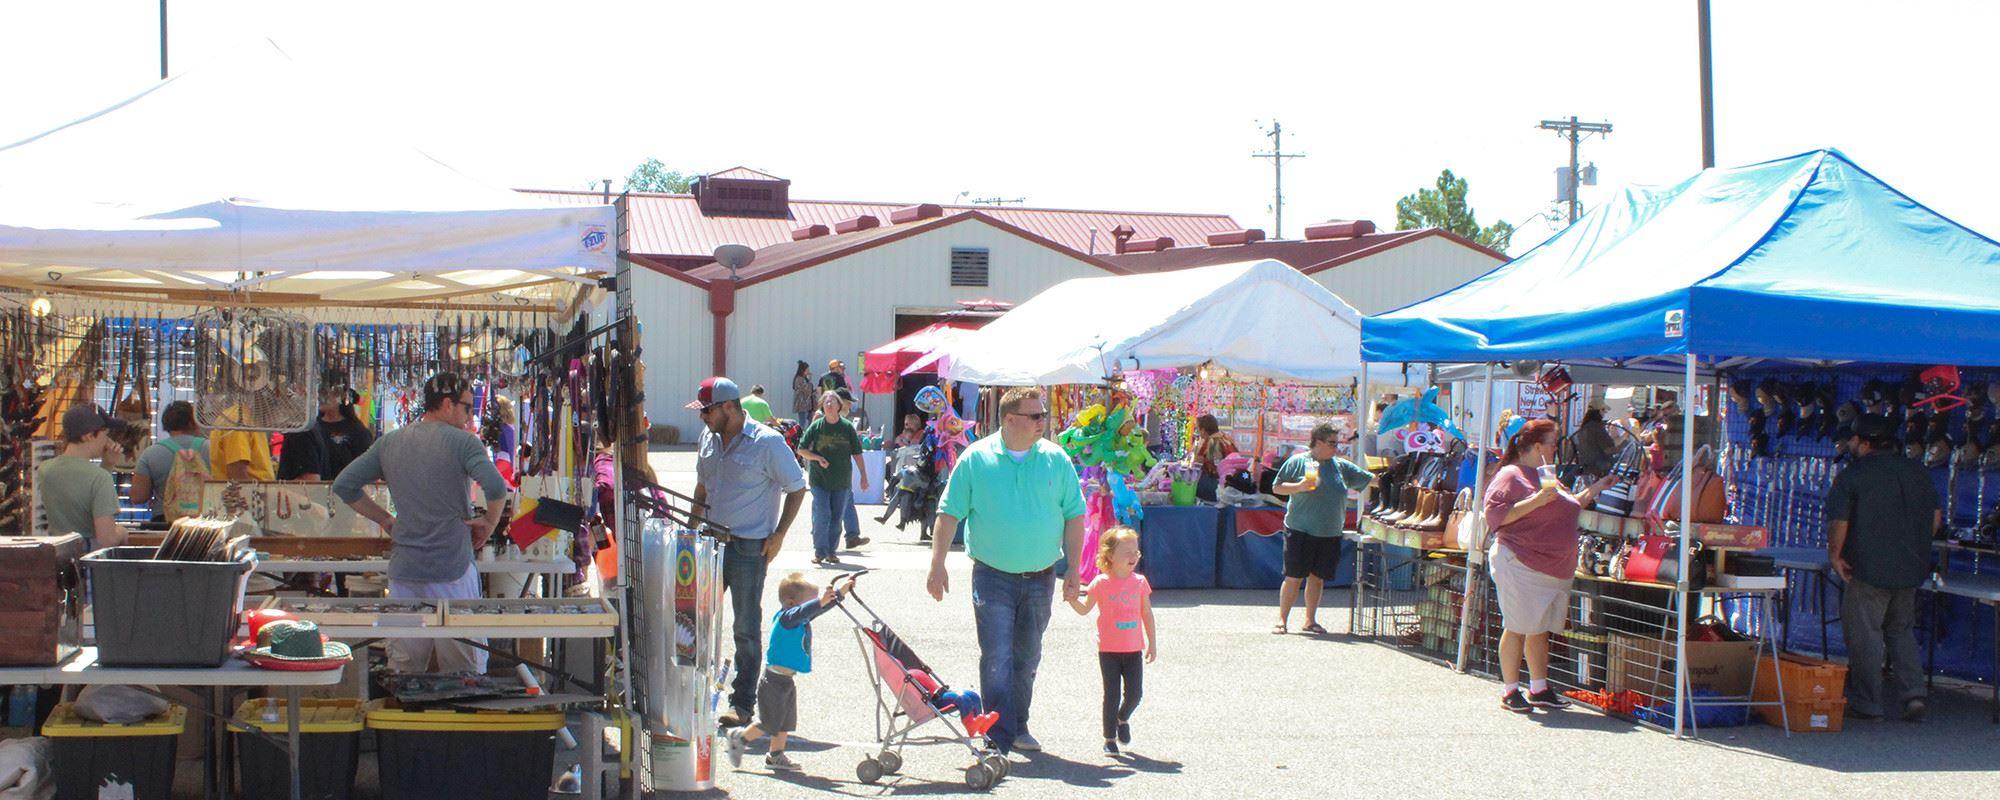 cleveland county fair 2020